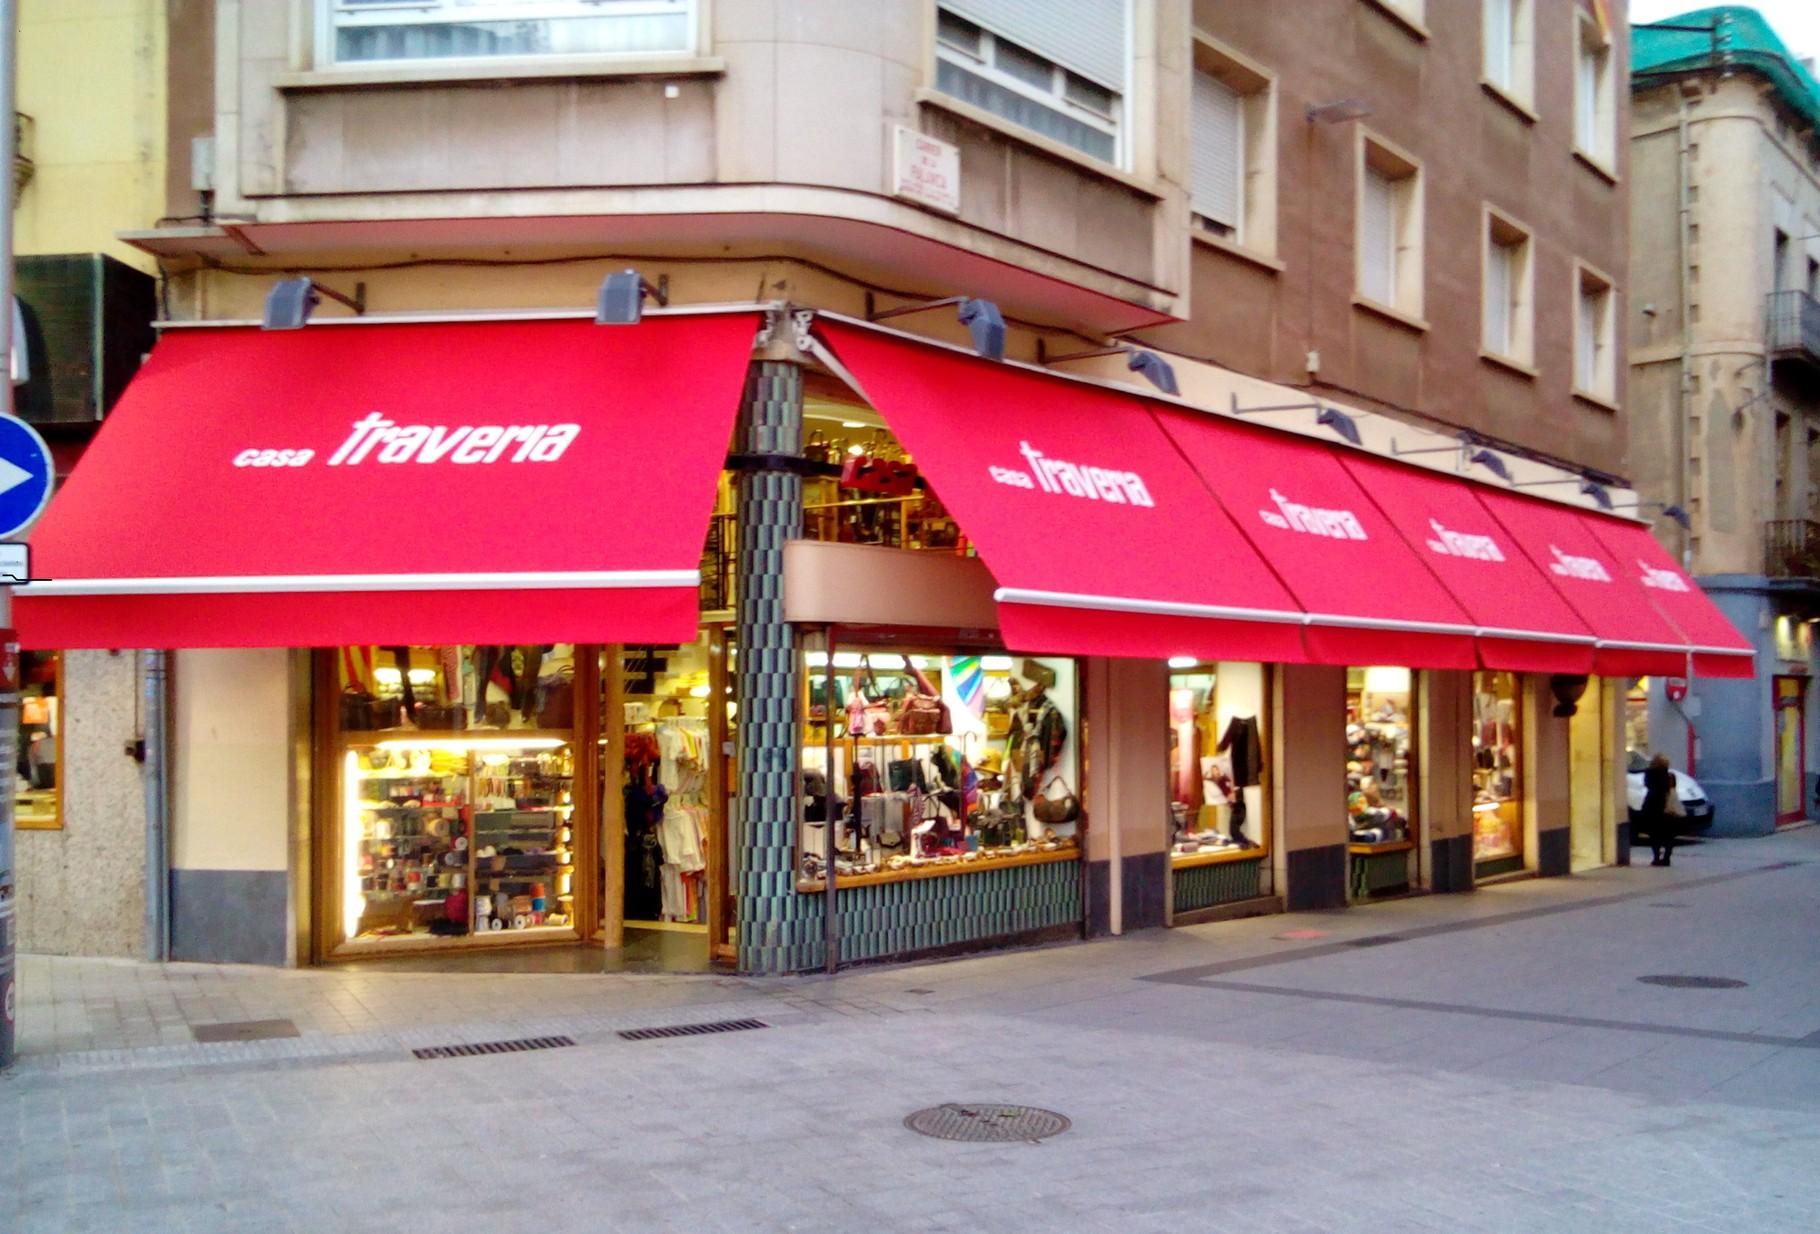 Toldos Articulados (Casa Traveria) Sabadell